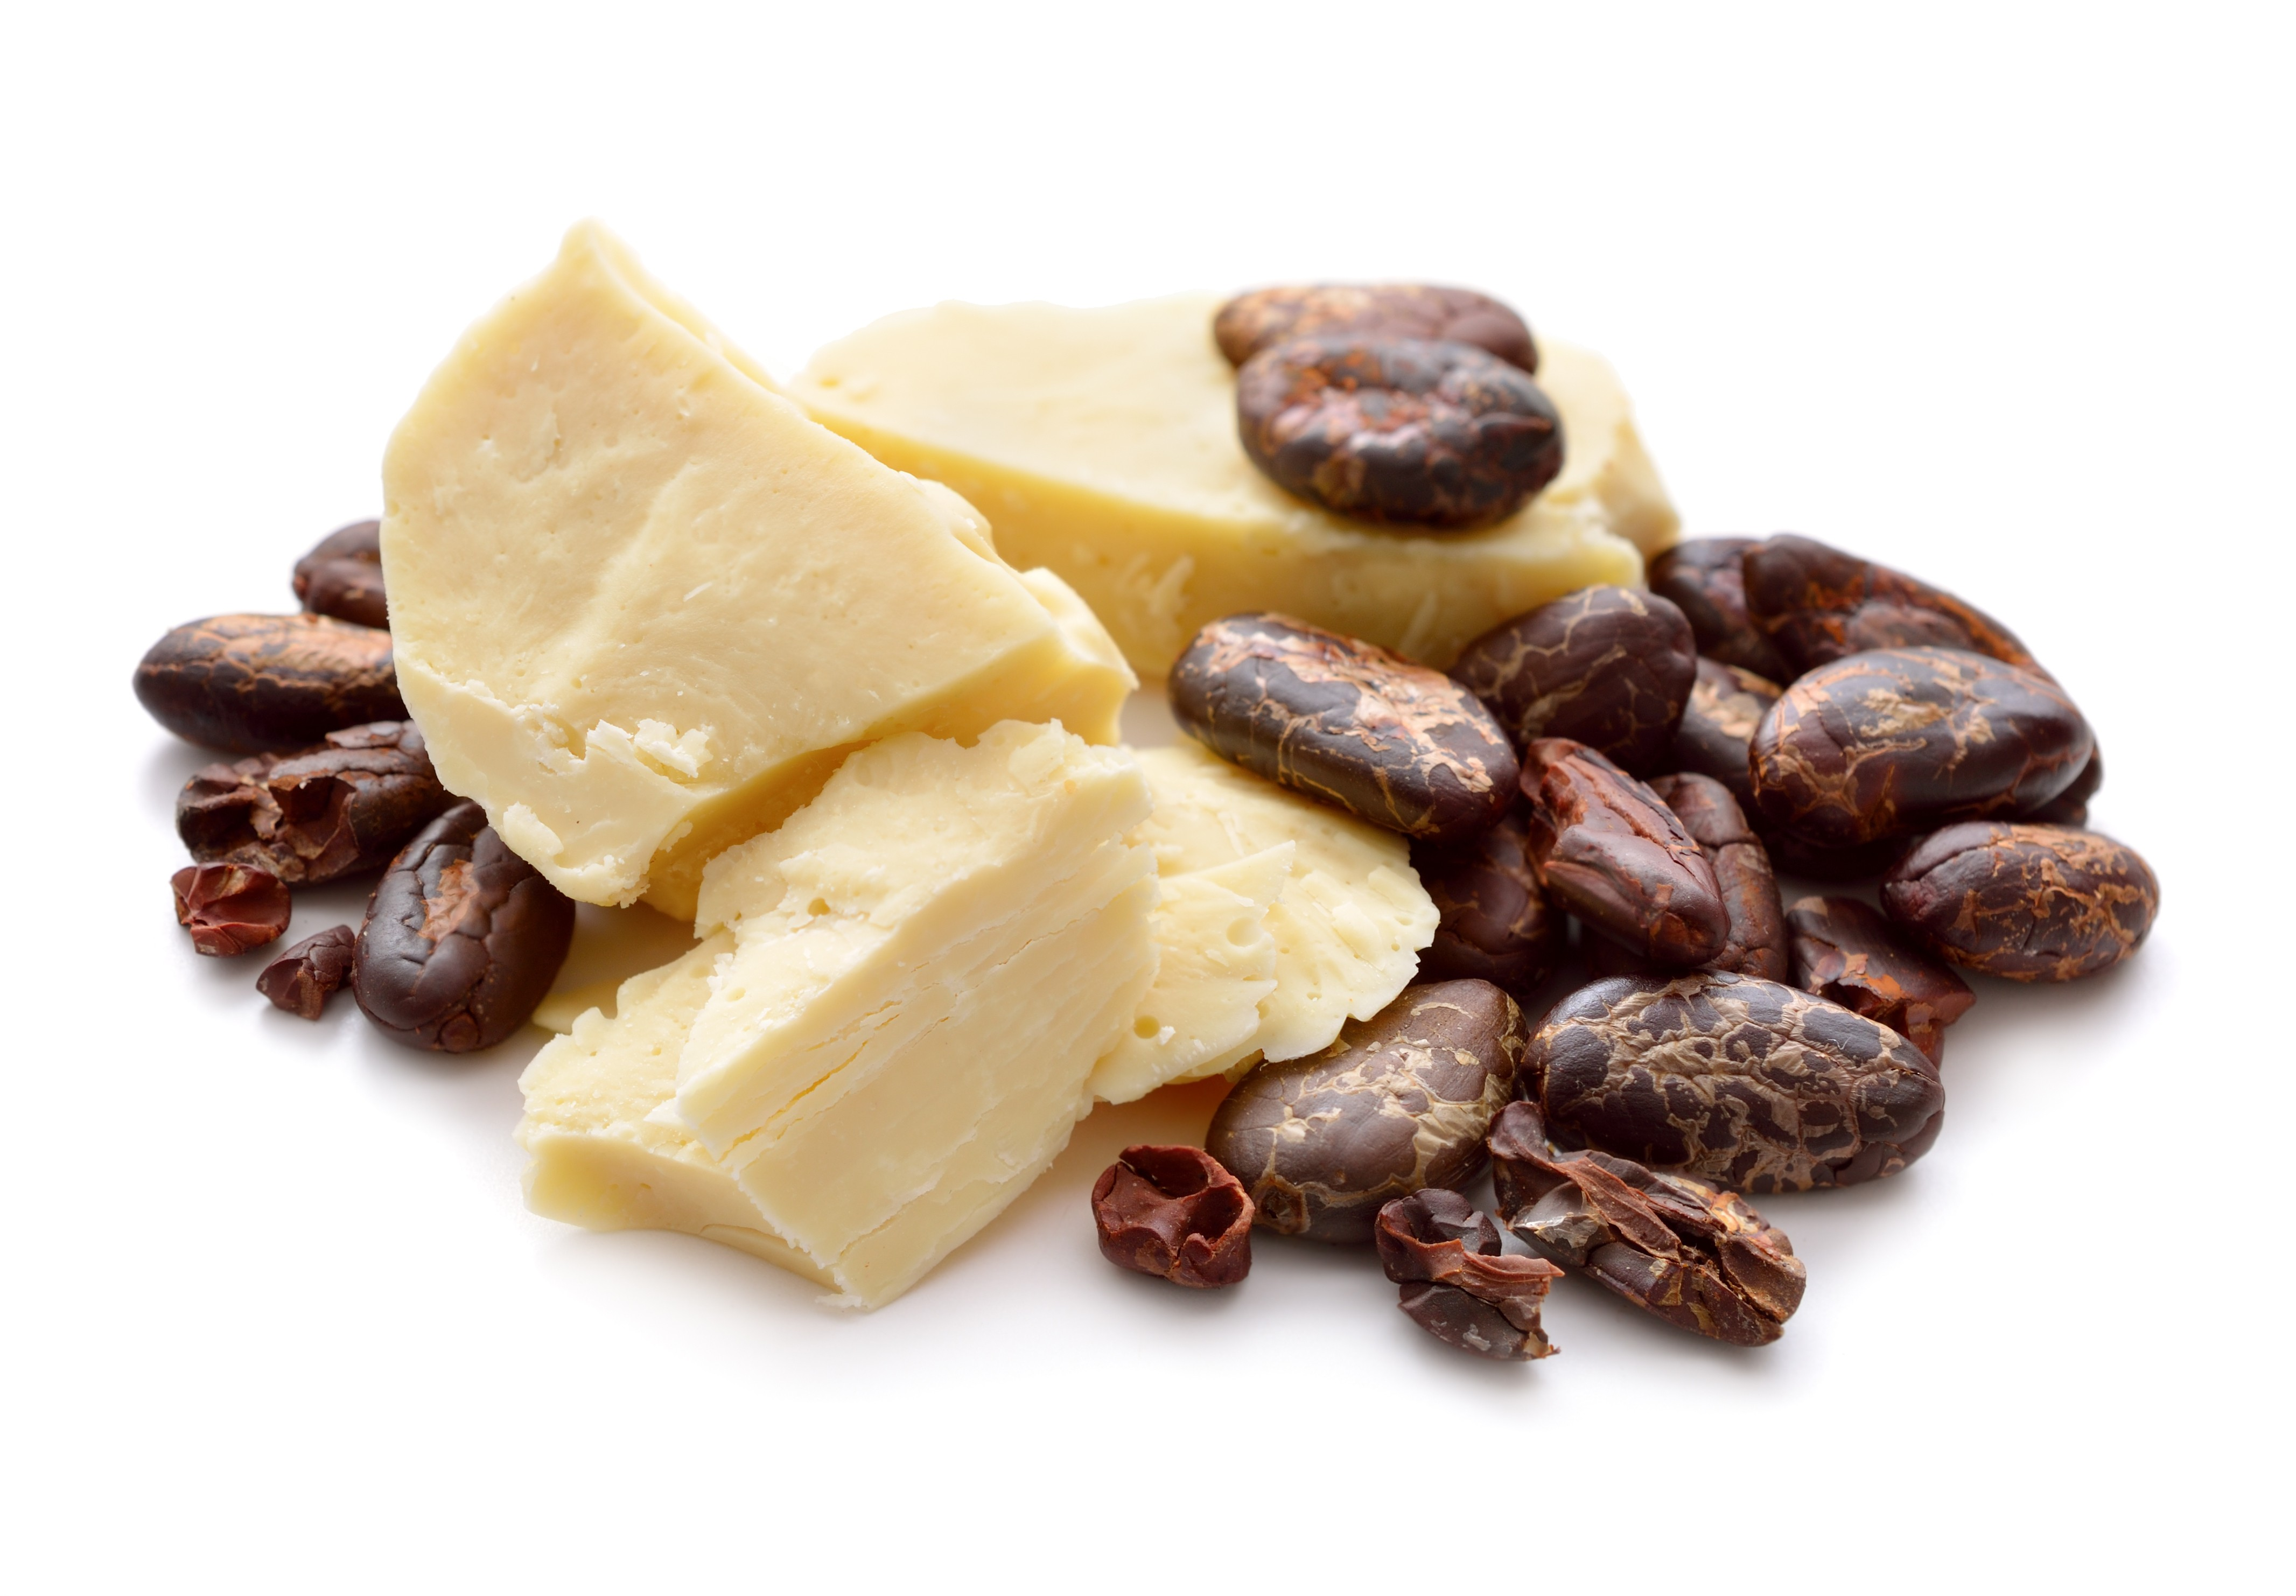 Des ingrédients sains, actifs et naturels